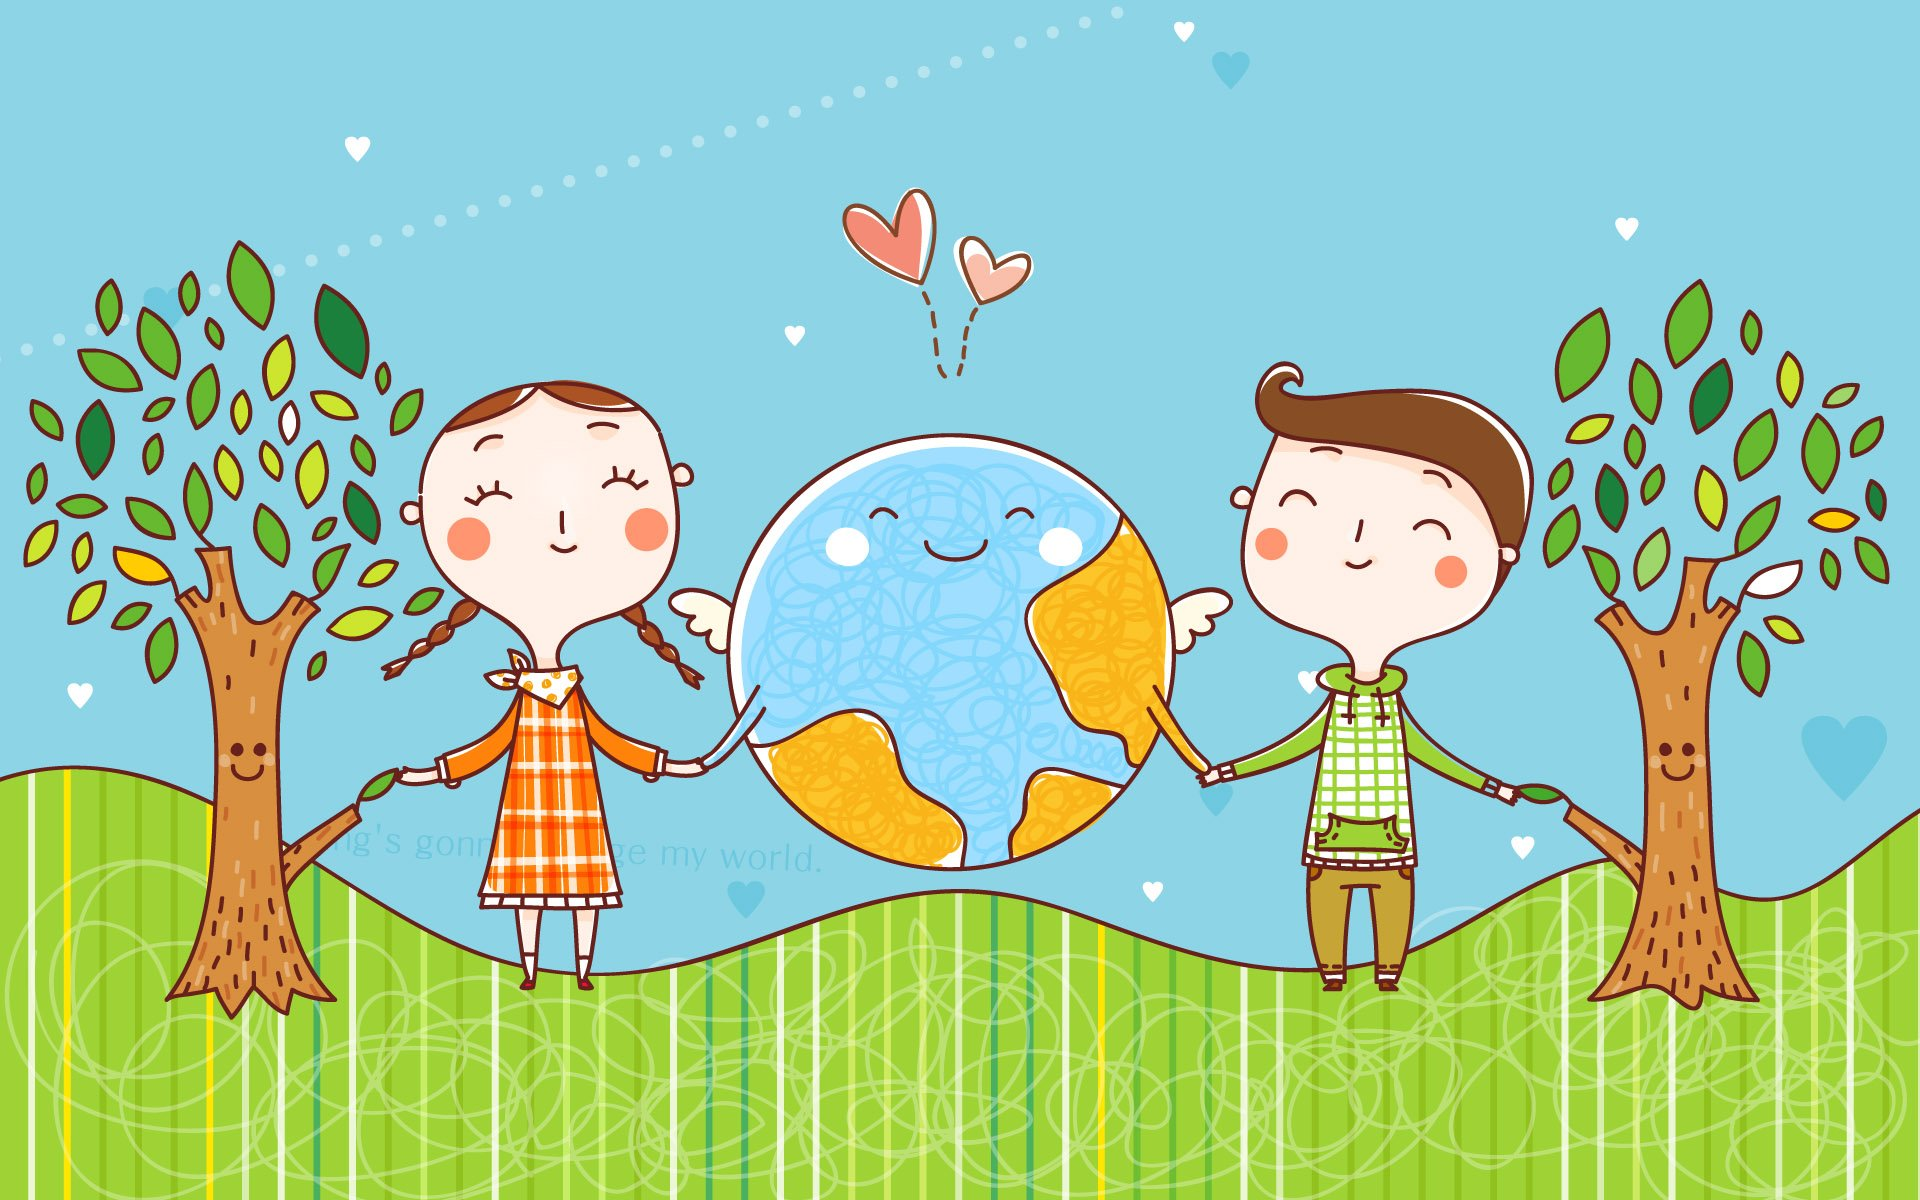 Earth Day Wallpaper 15   1920 X 1200 stmednet 1920x1200